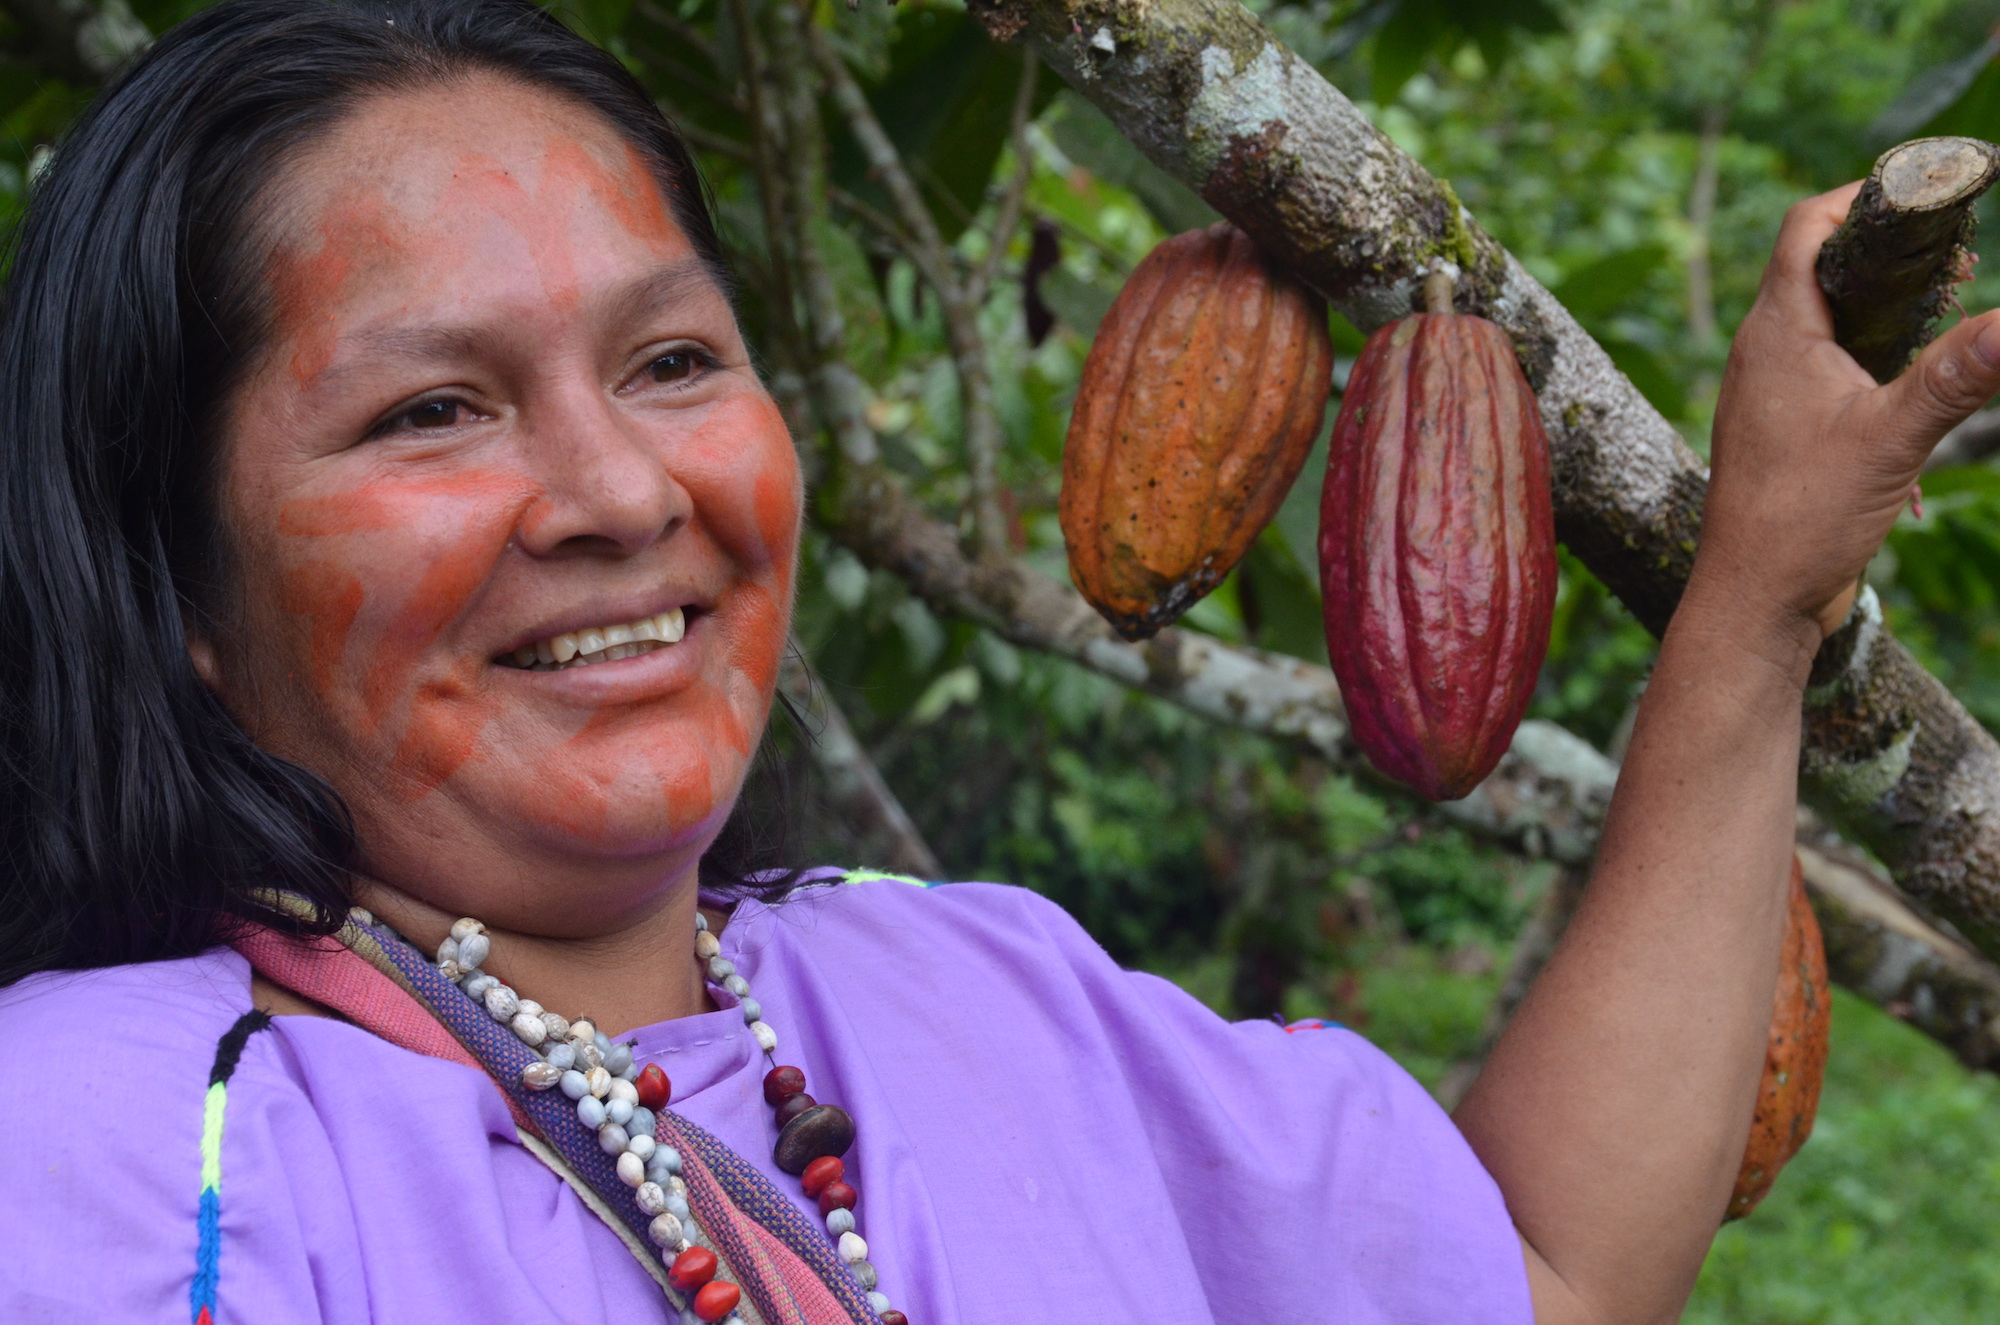 Se calcula en 24 000 millones de dólares los beneficios de la naturaleza en América Latina. Walter Aguirre/WWF Perú.